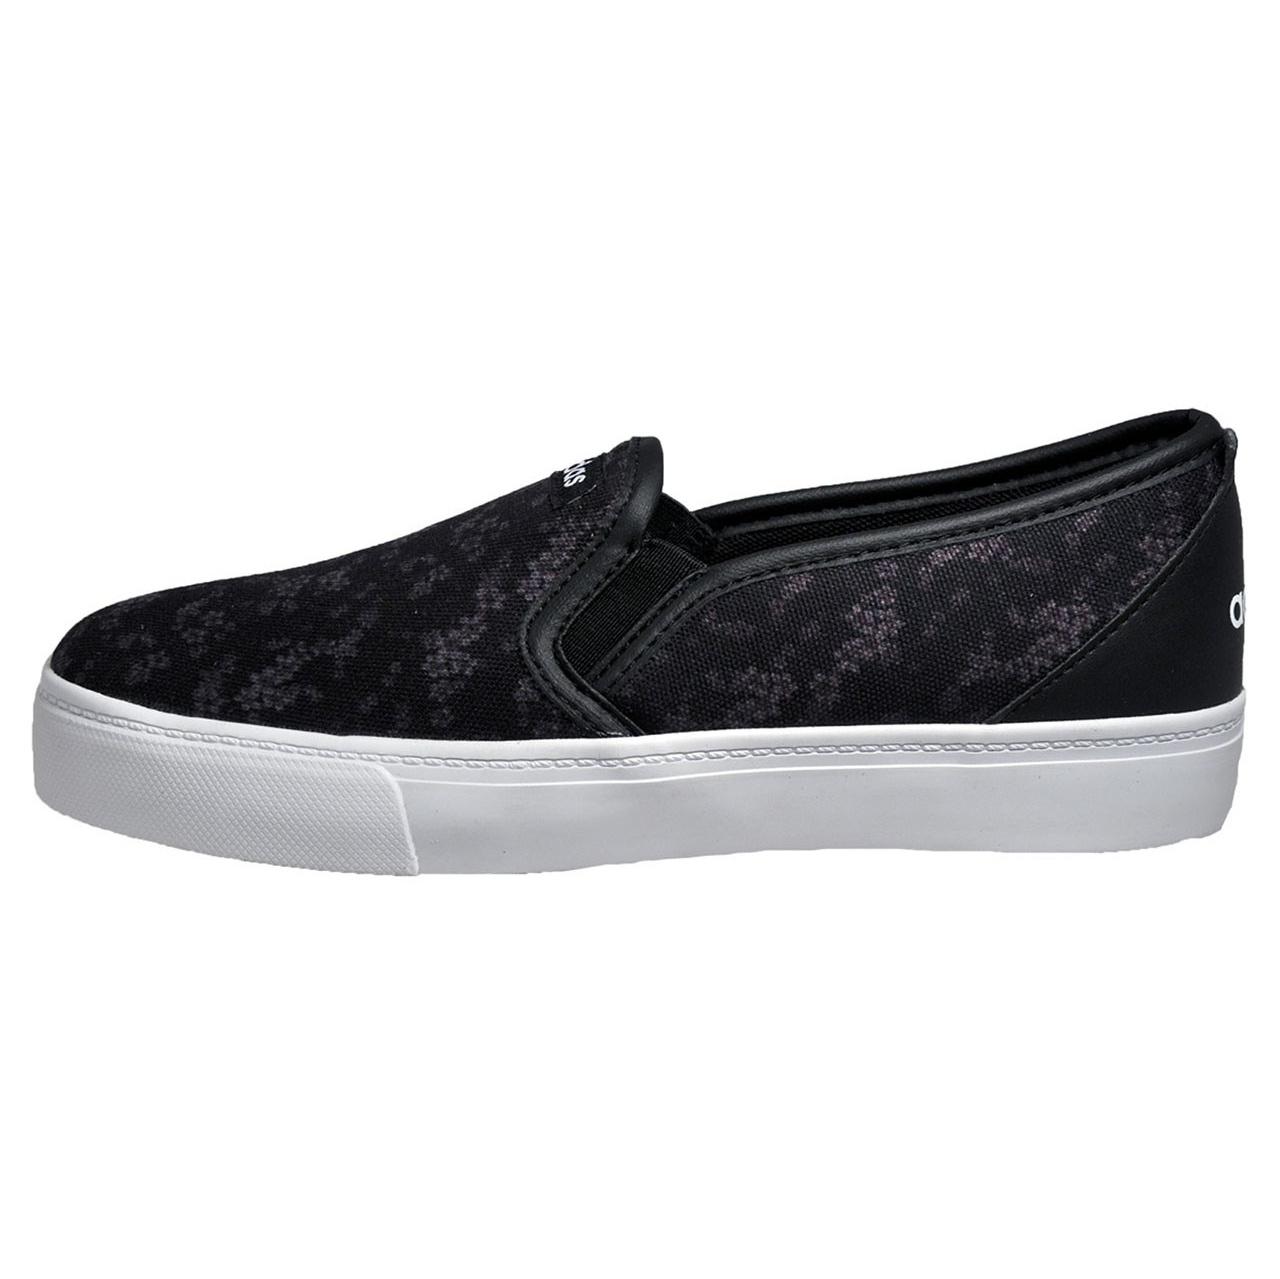 کفش راحتی زنانه آدیداس مدل Slip On